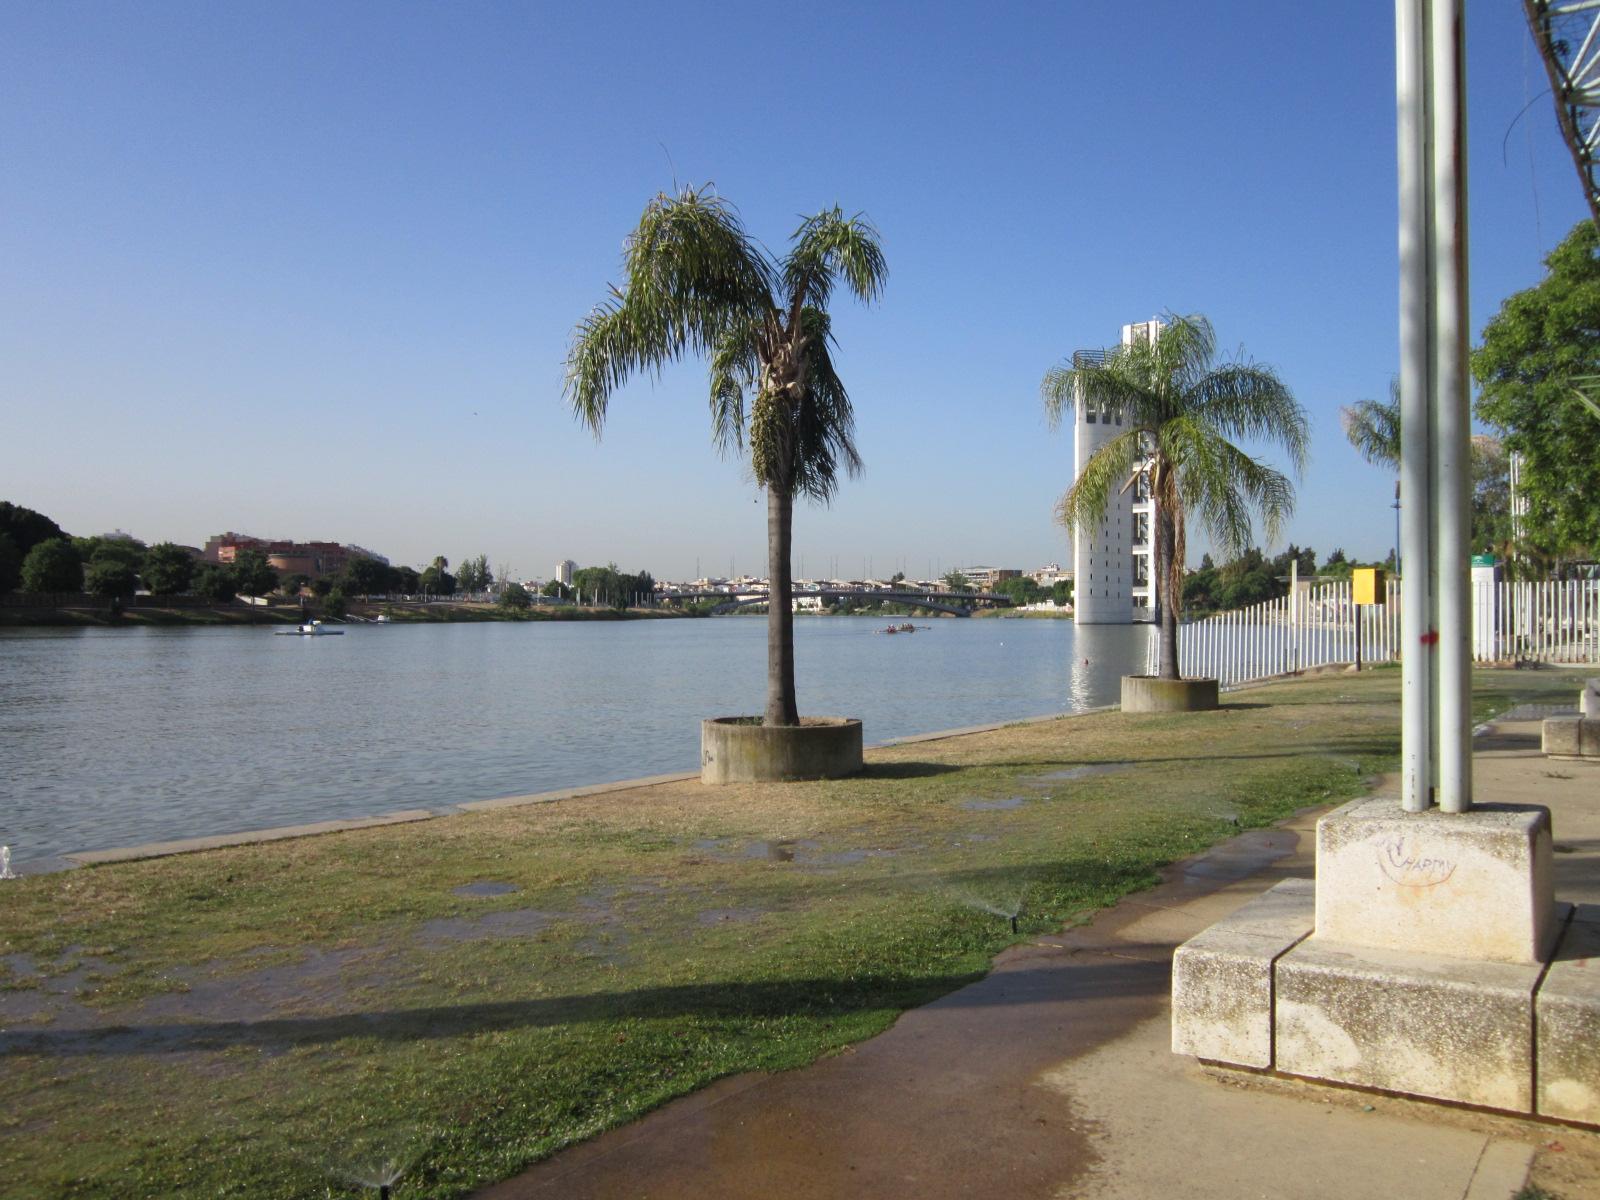 Sevilla vida y leyenda el jardin americano for Jardin americano sevilla